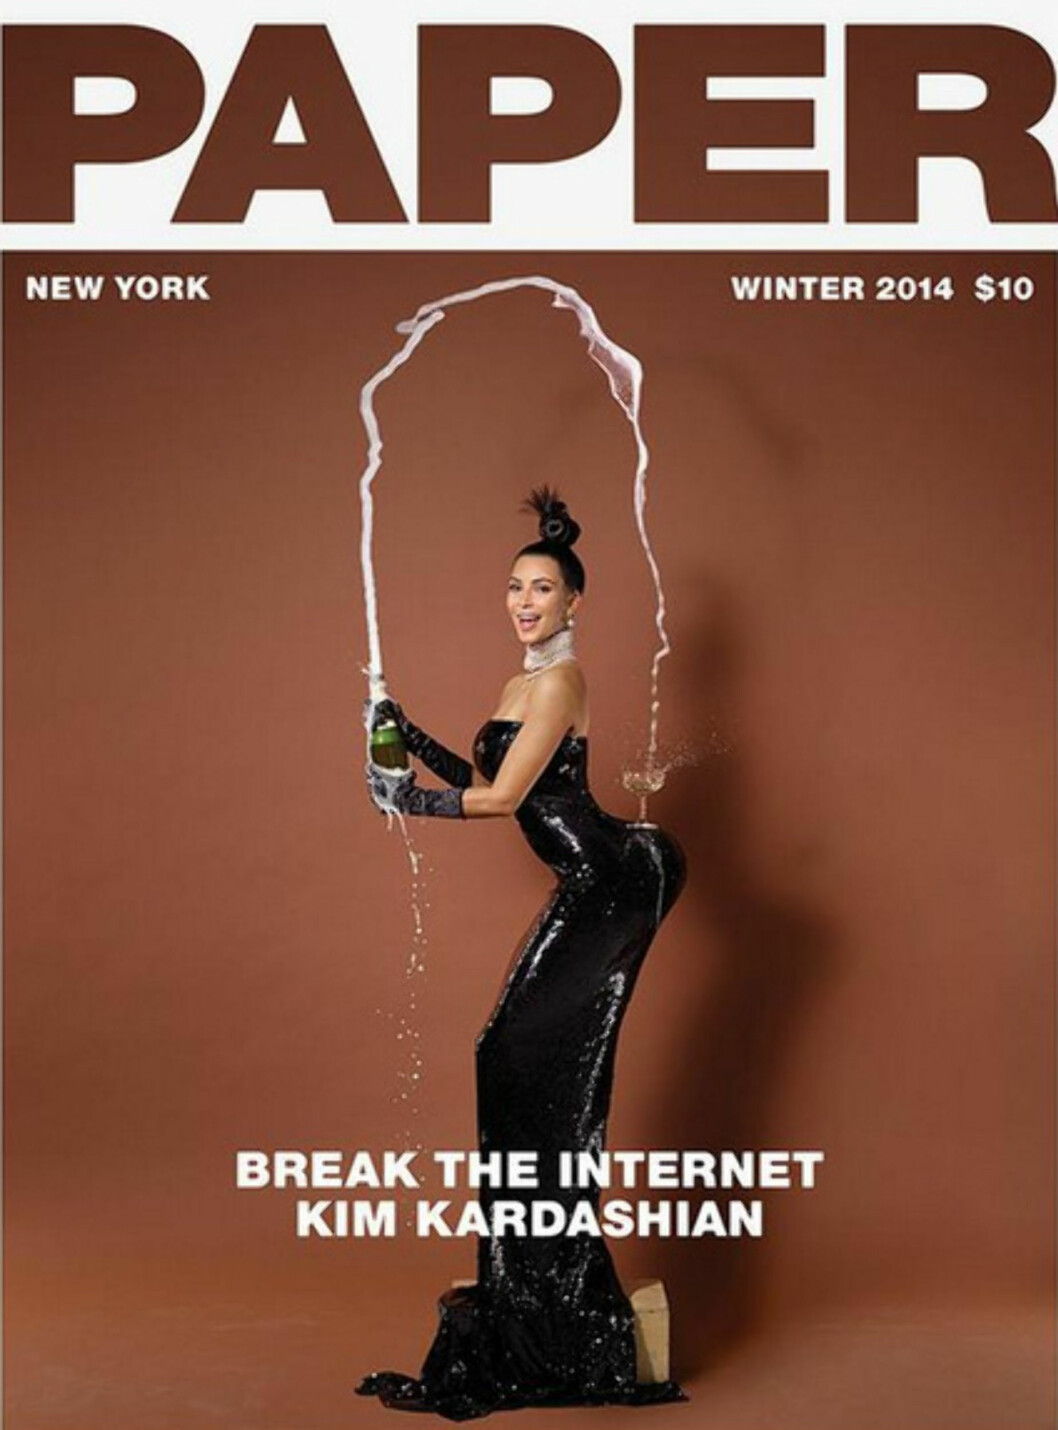 SPRETTEN STUSS: Kims spretne stuss vekket oppsikt i magasinet Paper i fjor. Nakenbildene gjorde sitt de også... Foto: Faksimile Paper